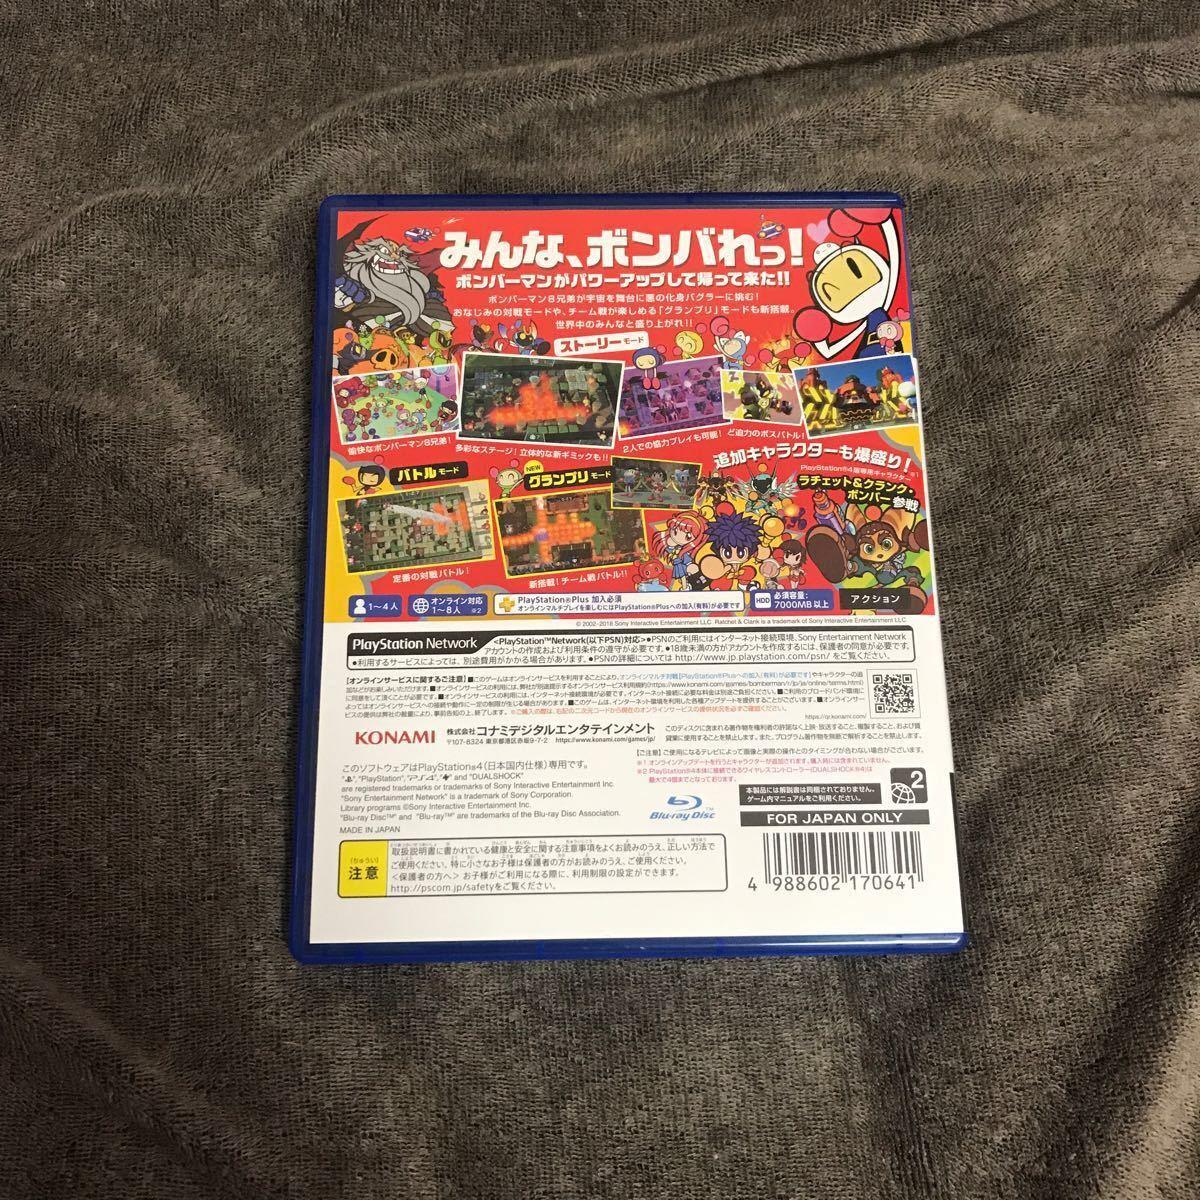 PS4 スーパーボンバーマン R PS4版